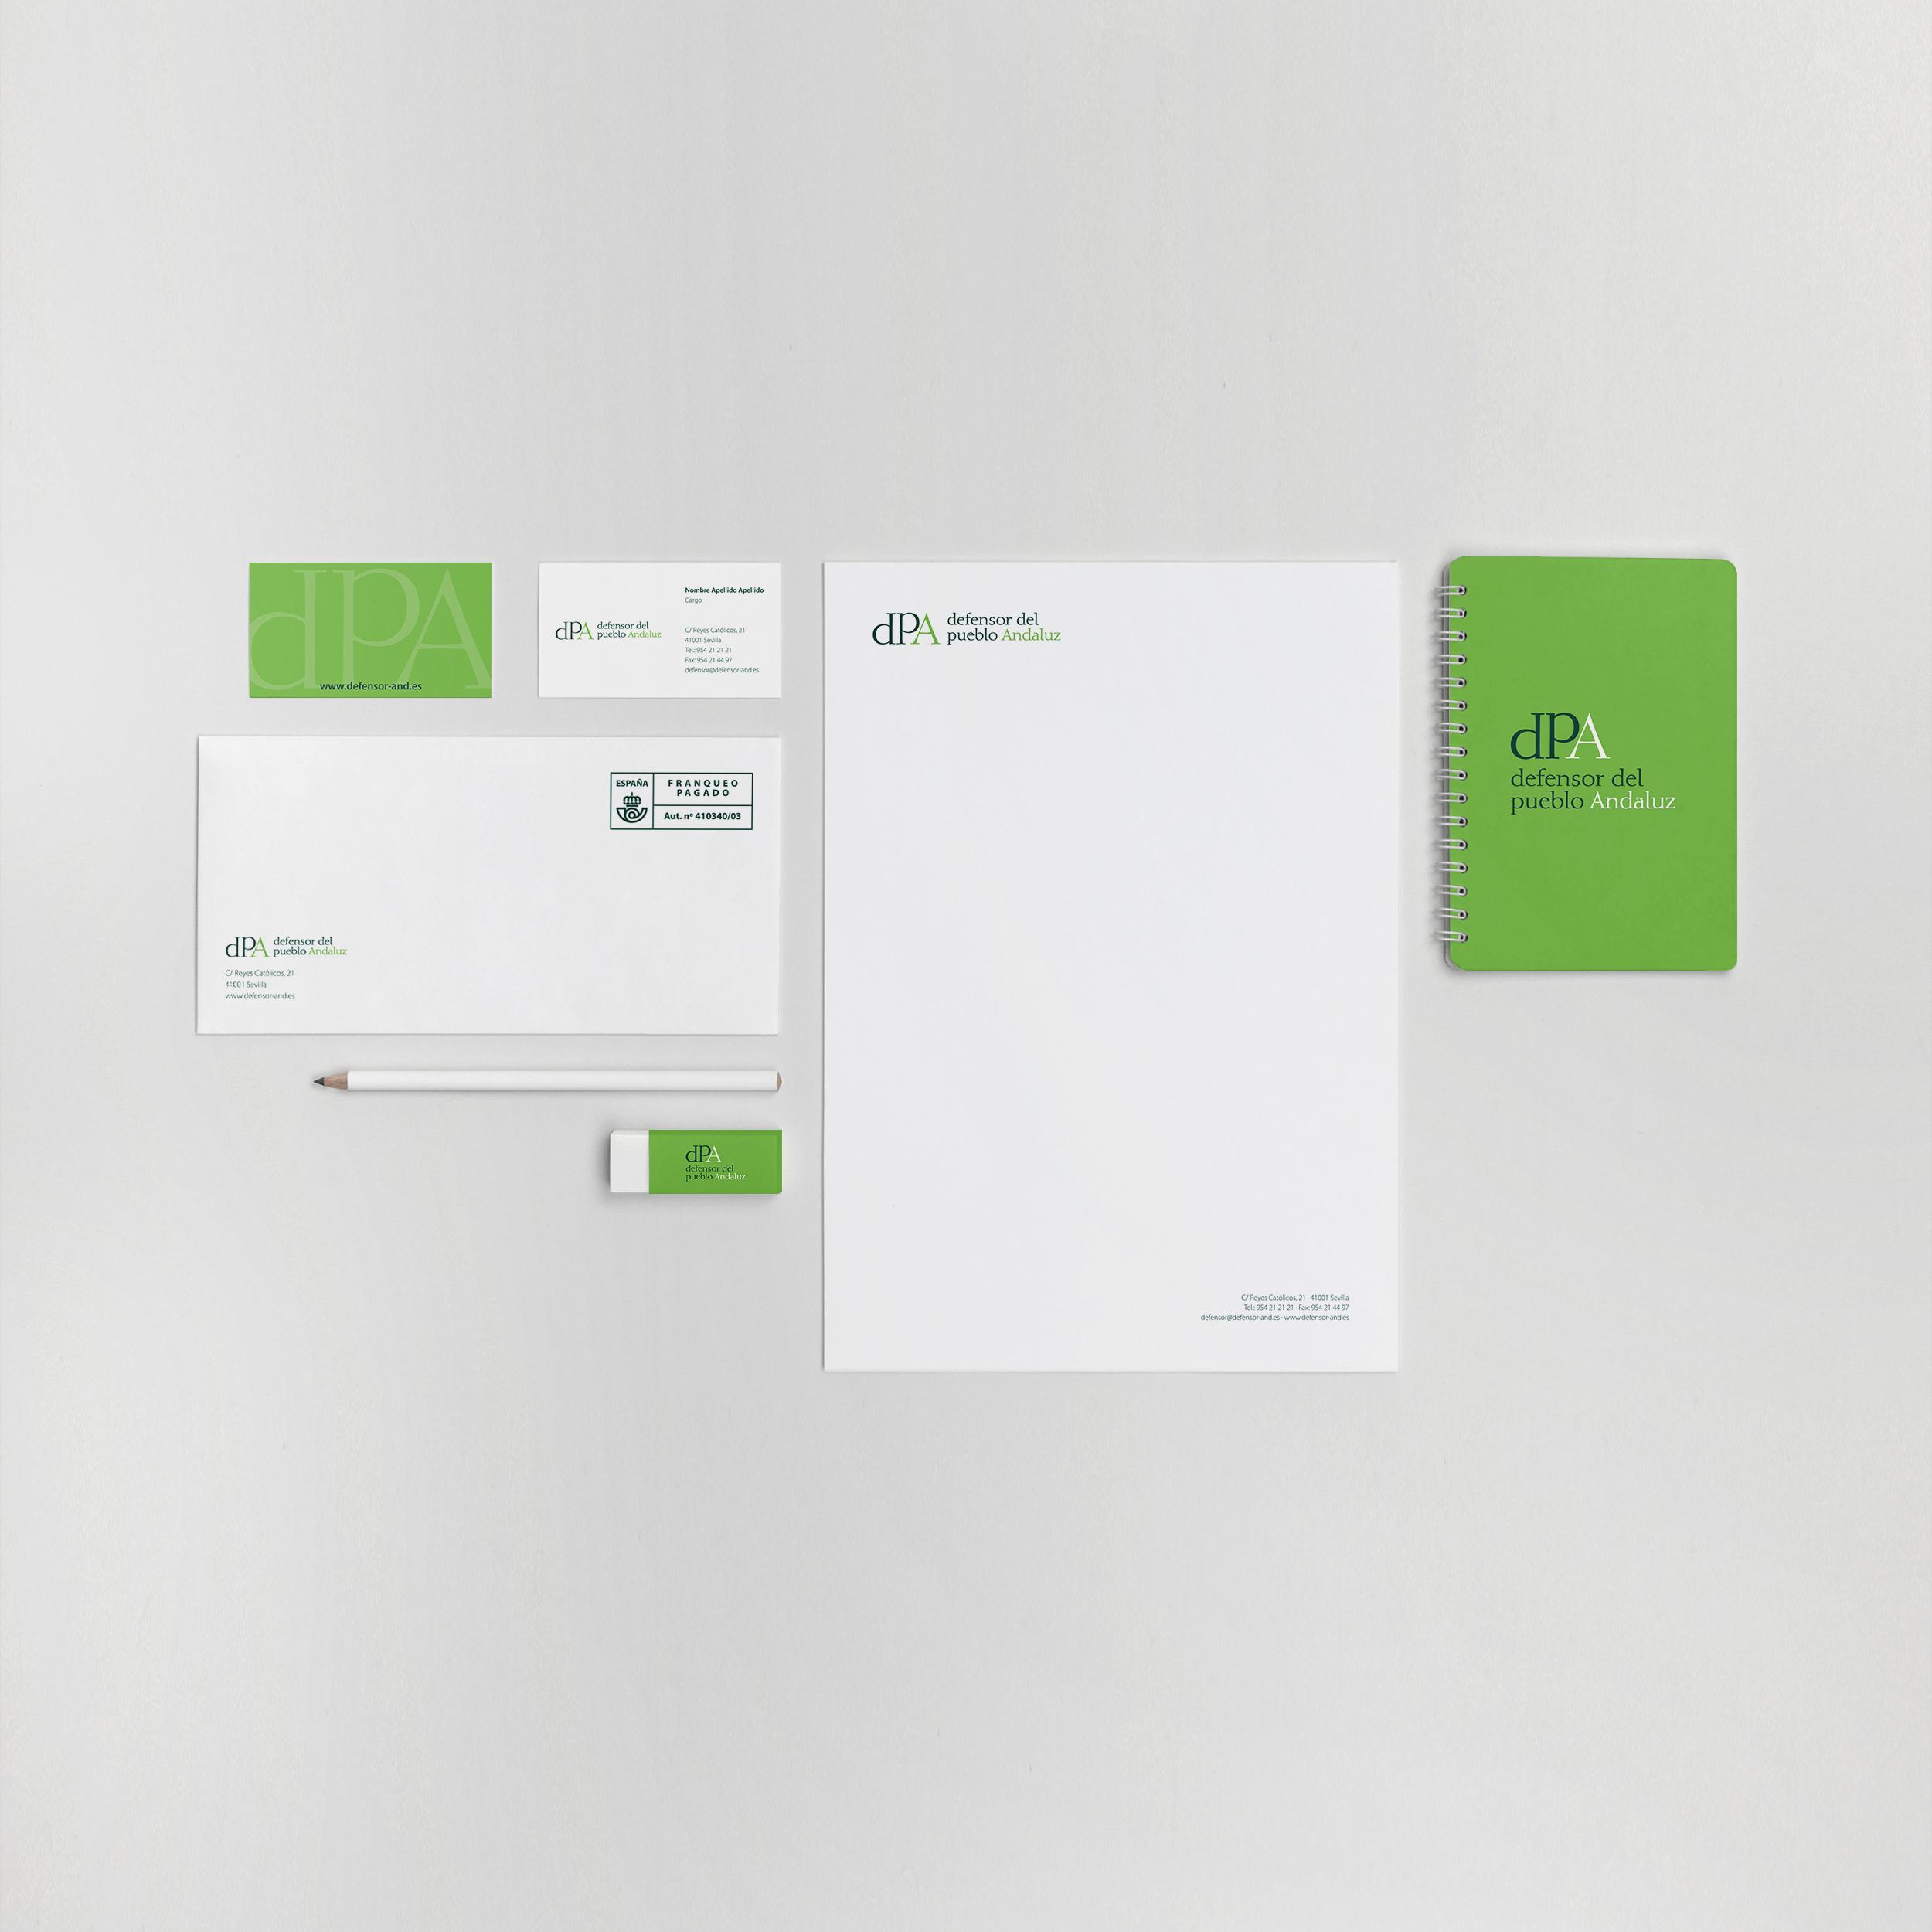 papeleria_branding_defensor_del_pueblo_andaluz_textura_design